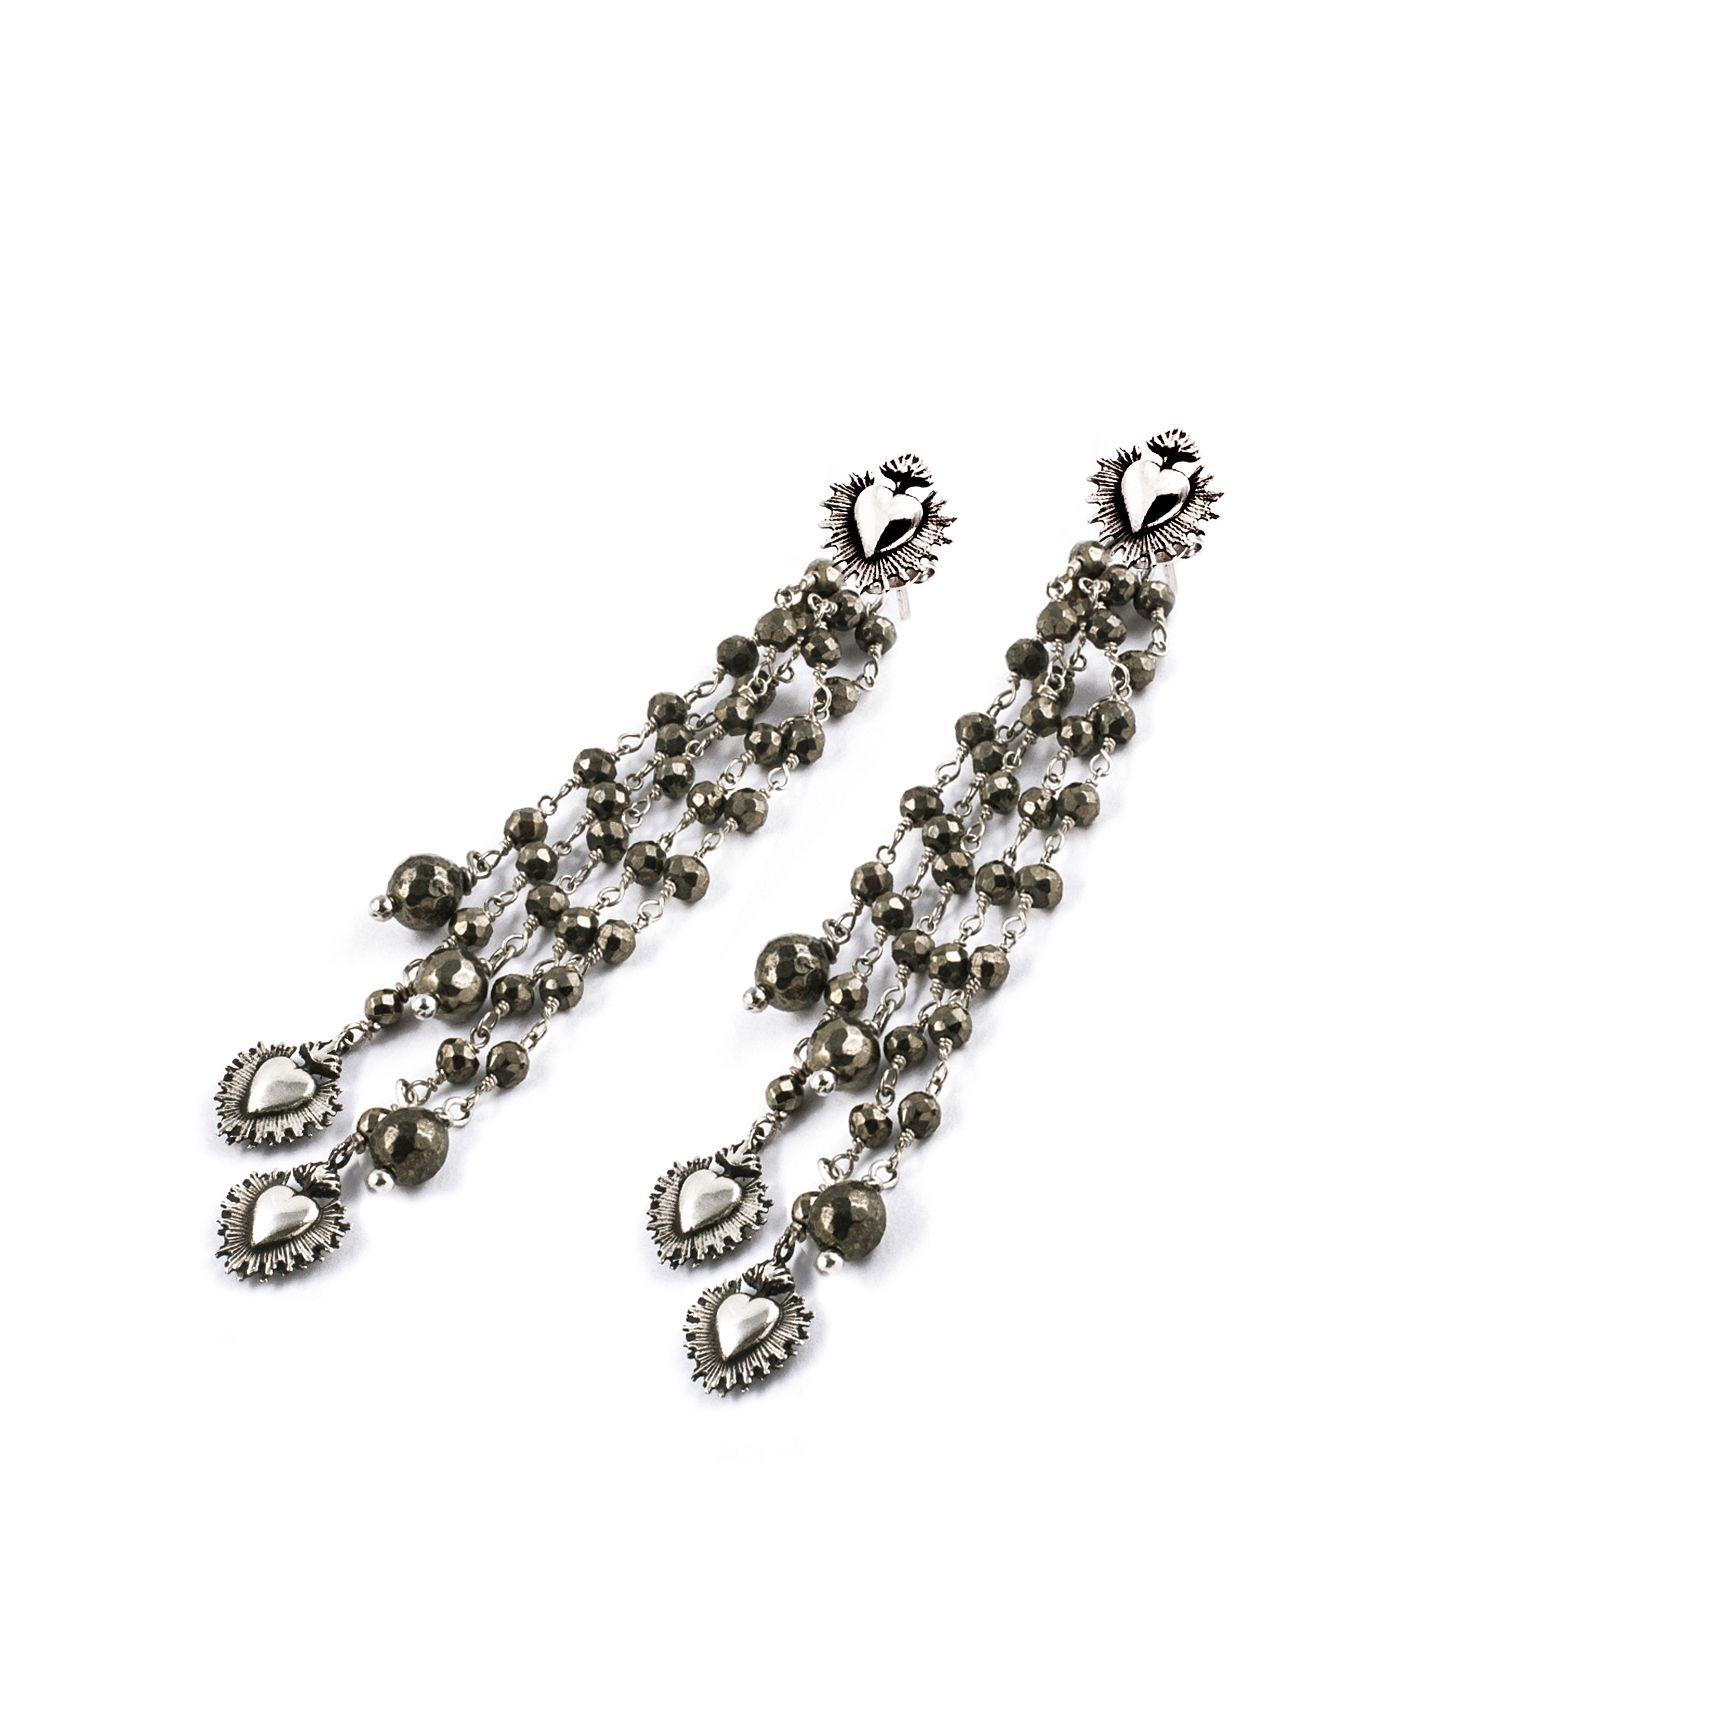 Orecchini con frangia 'Cuore Sacro' Orecchini in argento e pirite